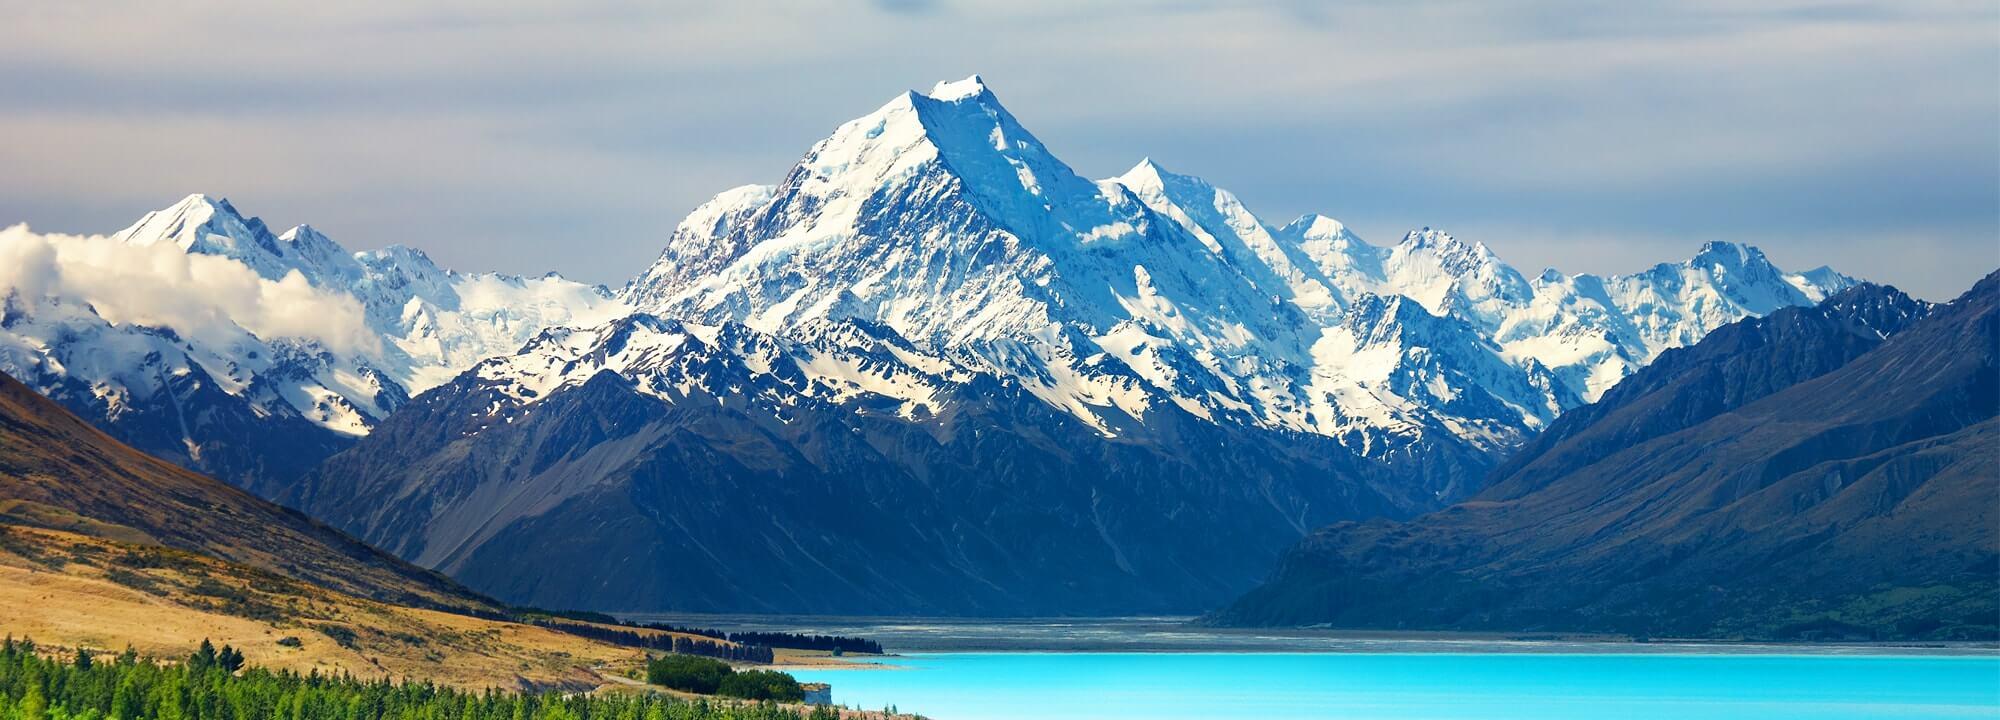 Pohoří Nového Zélandu